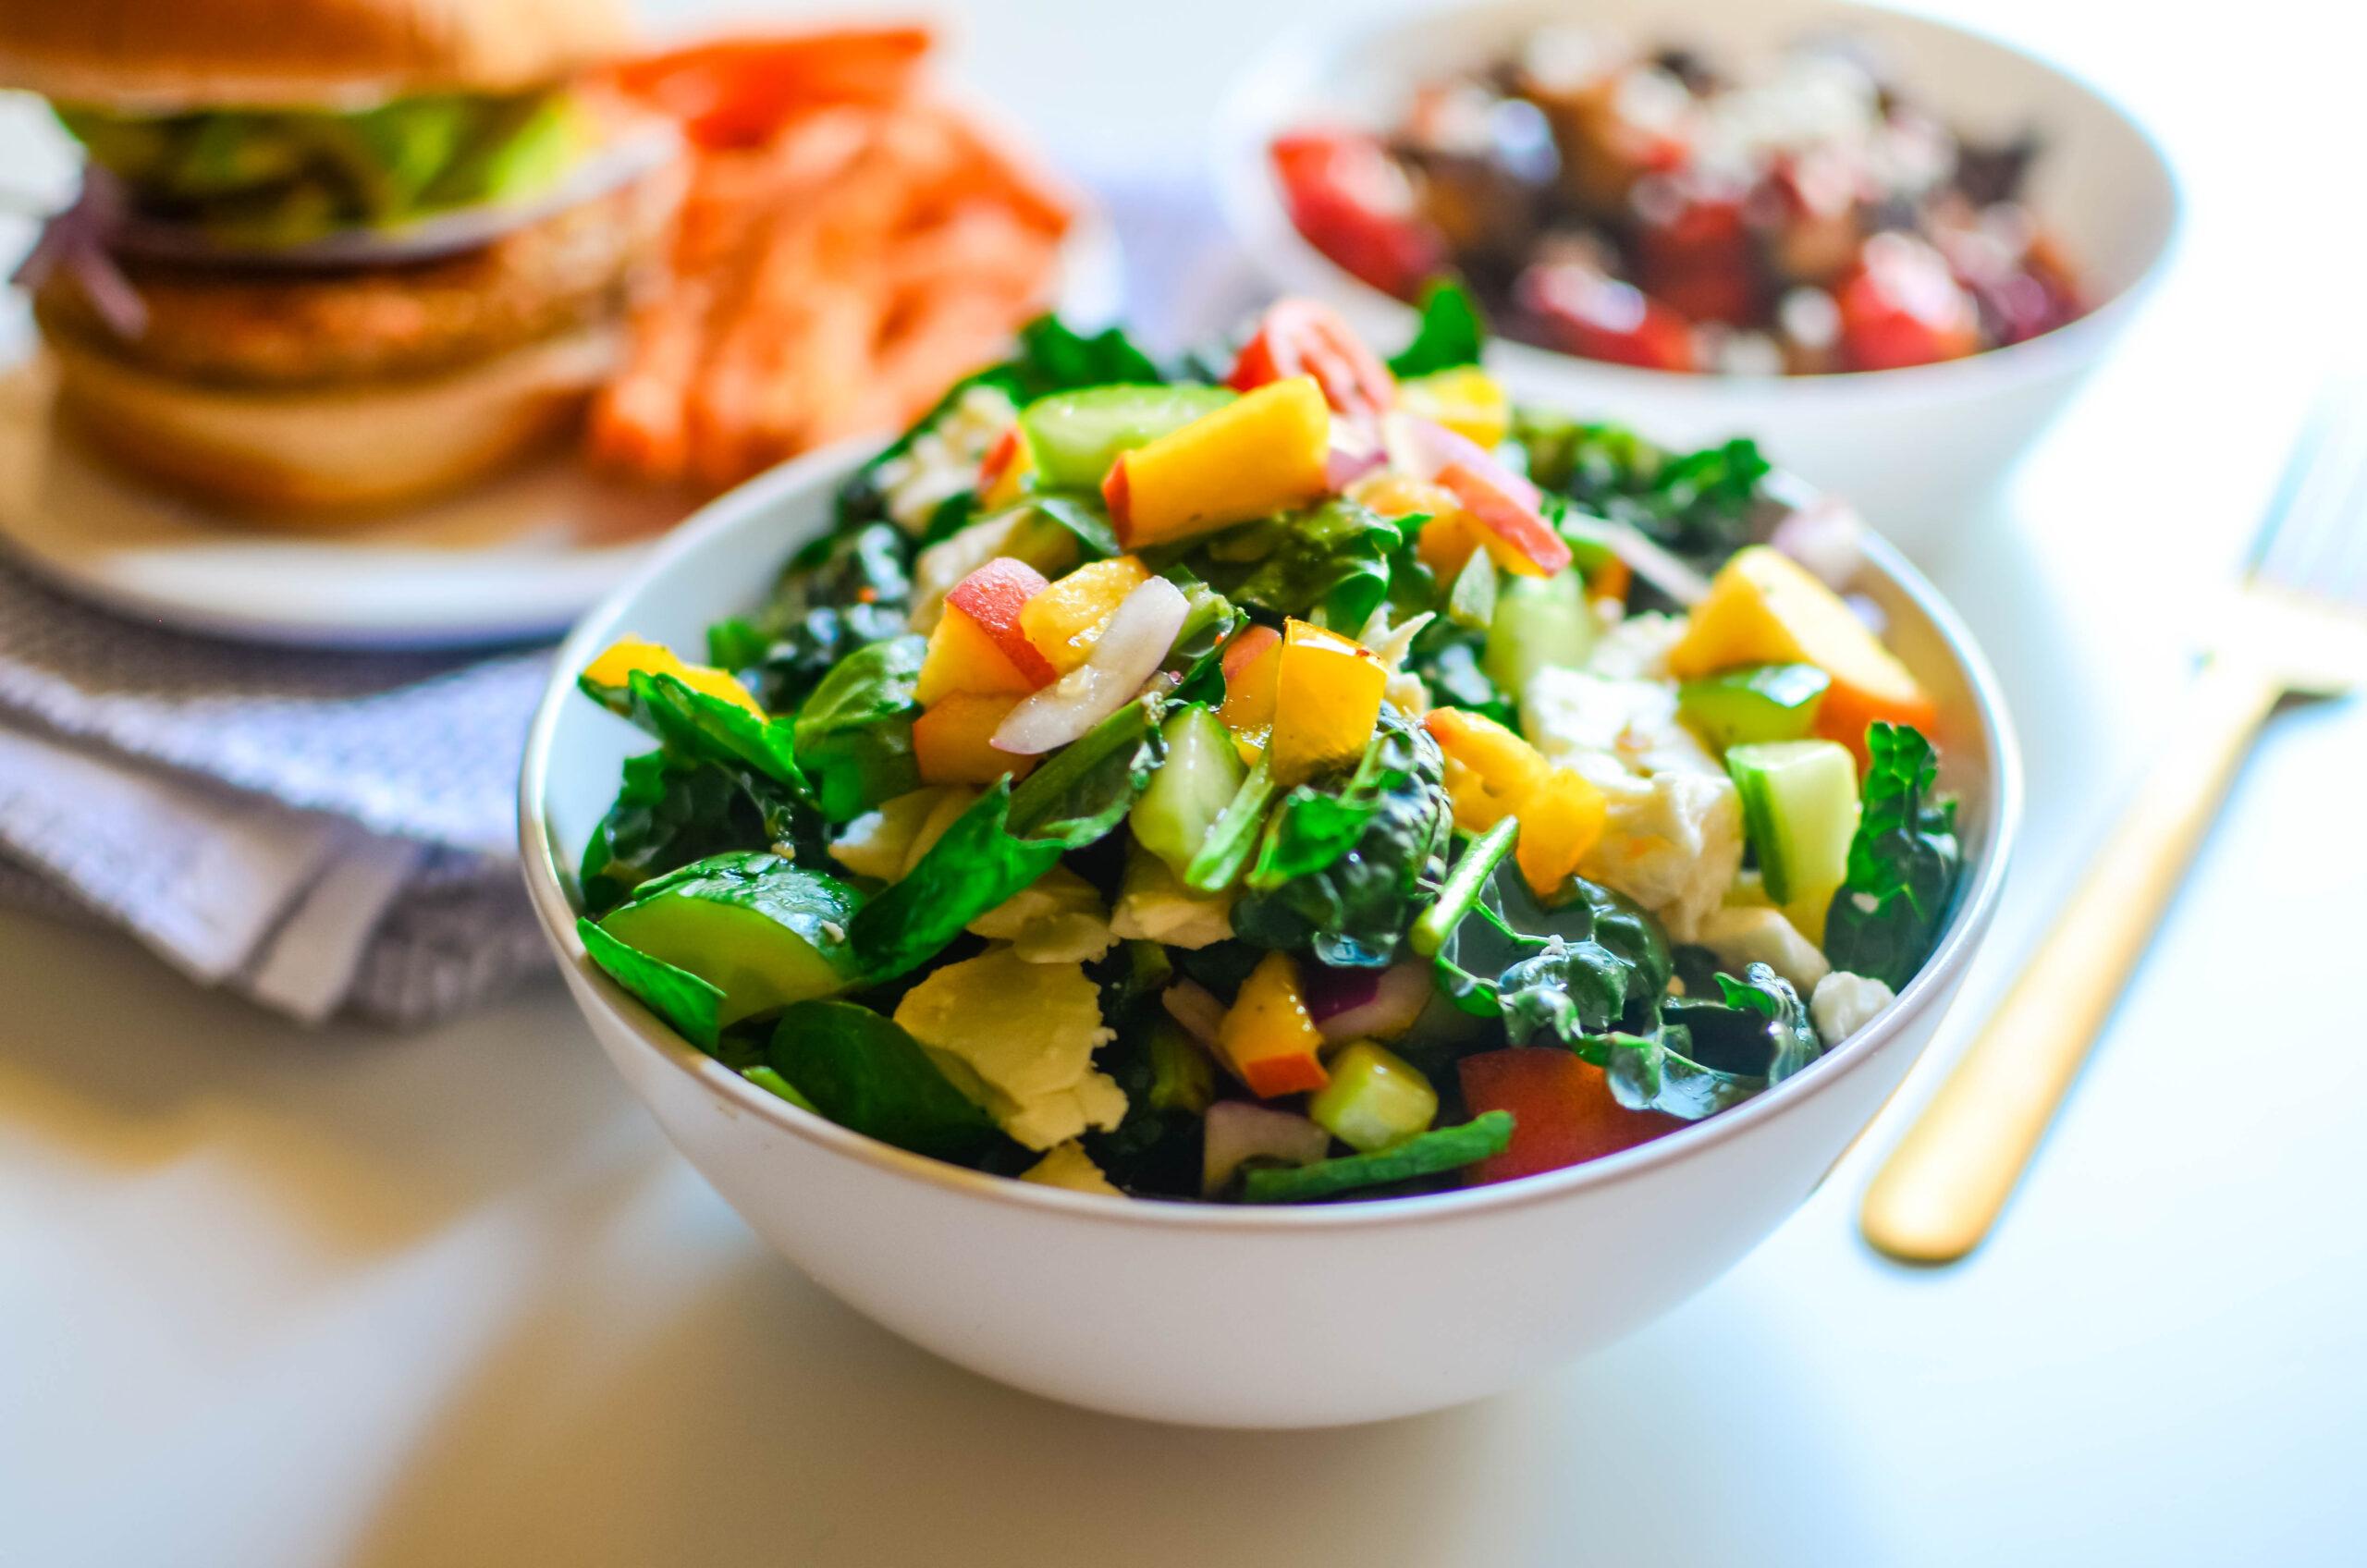 Kale Peach Salad with Citrus Herb Vinaigrette